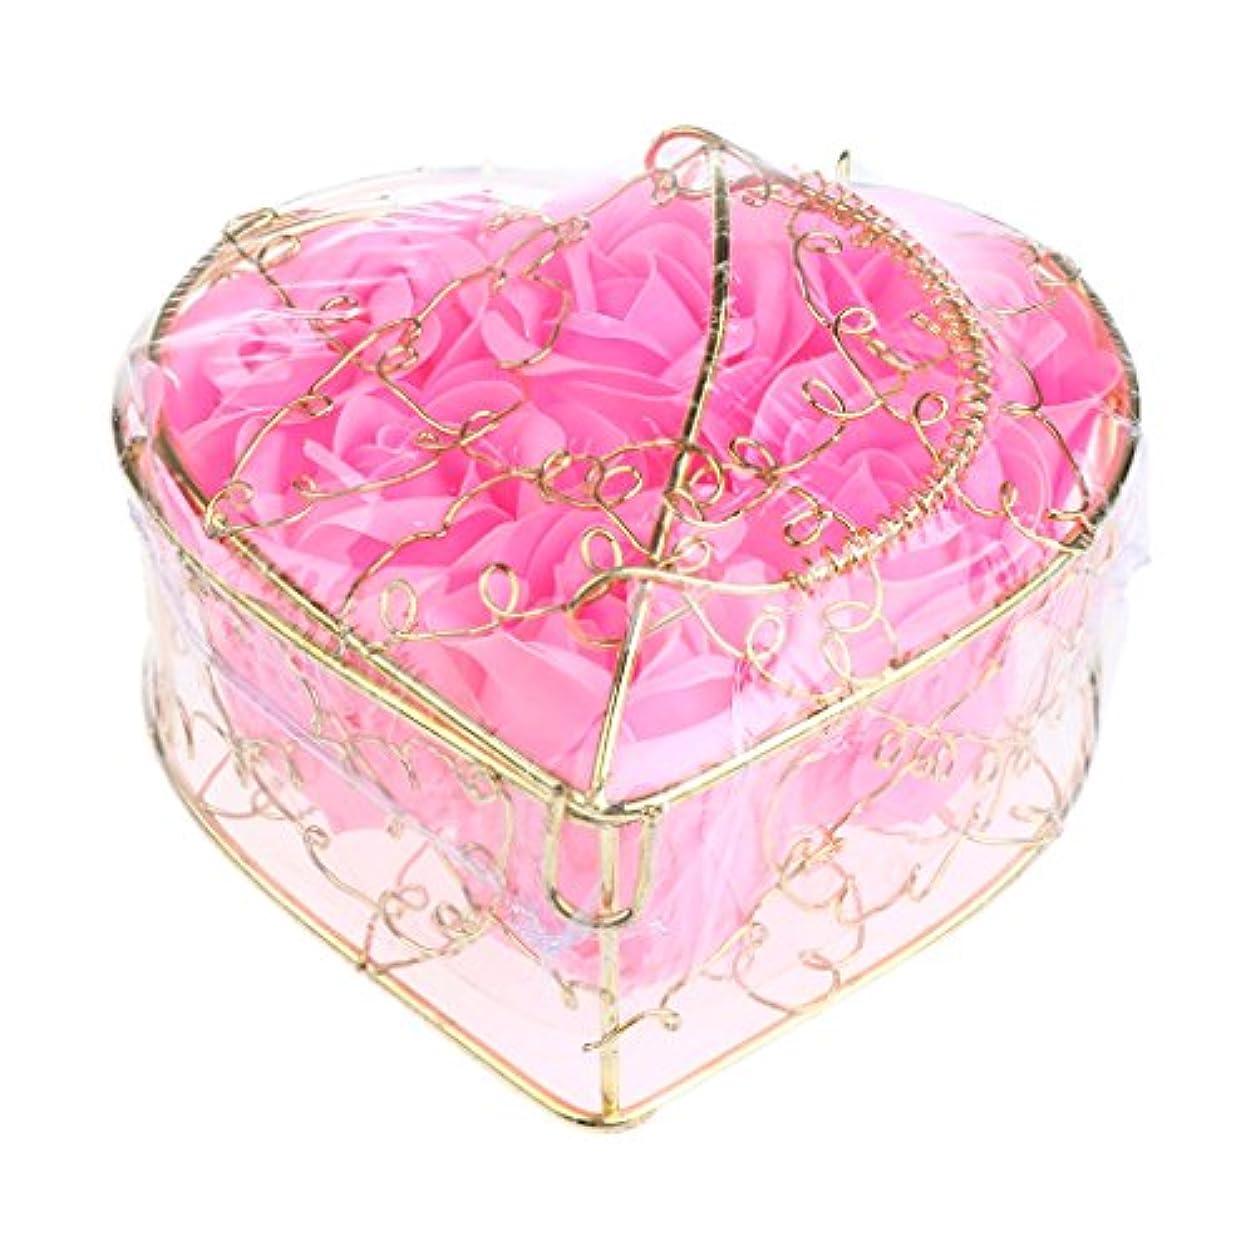 接尾辞逸脱米ドルKesoto 6個 石鹸の花 バラ 石鹸の花びら 母の日 ギフトボックス ロマンチック 全5タイプ選べる - ピンク